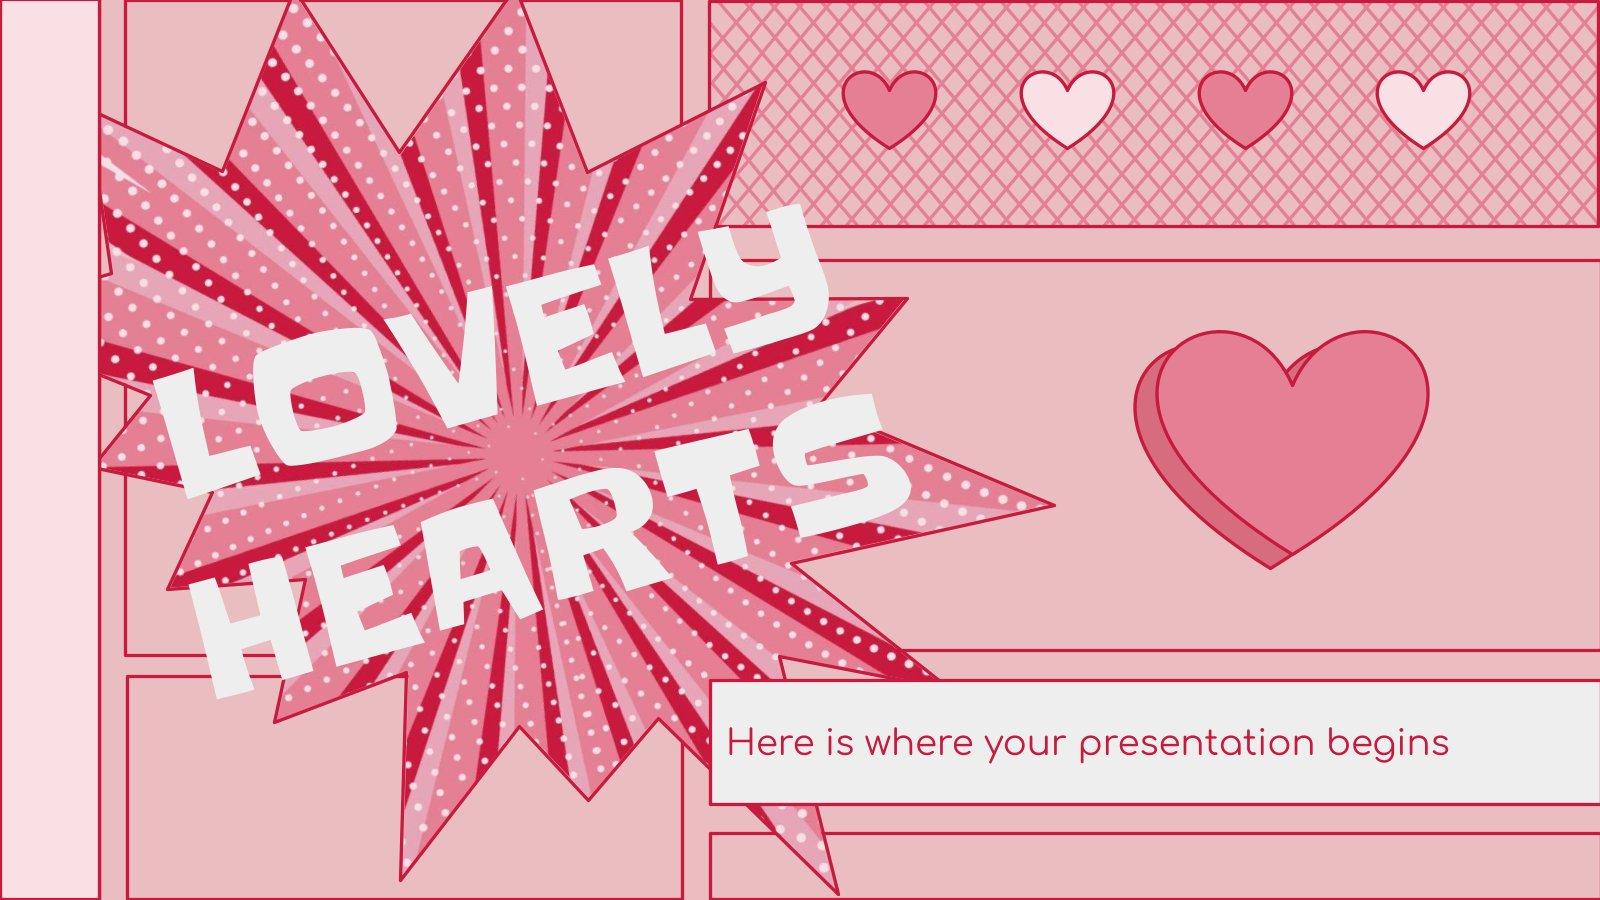 Modelo de apresentação Kit de ferramentas de consultoria: Corações adoráveis